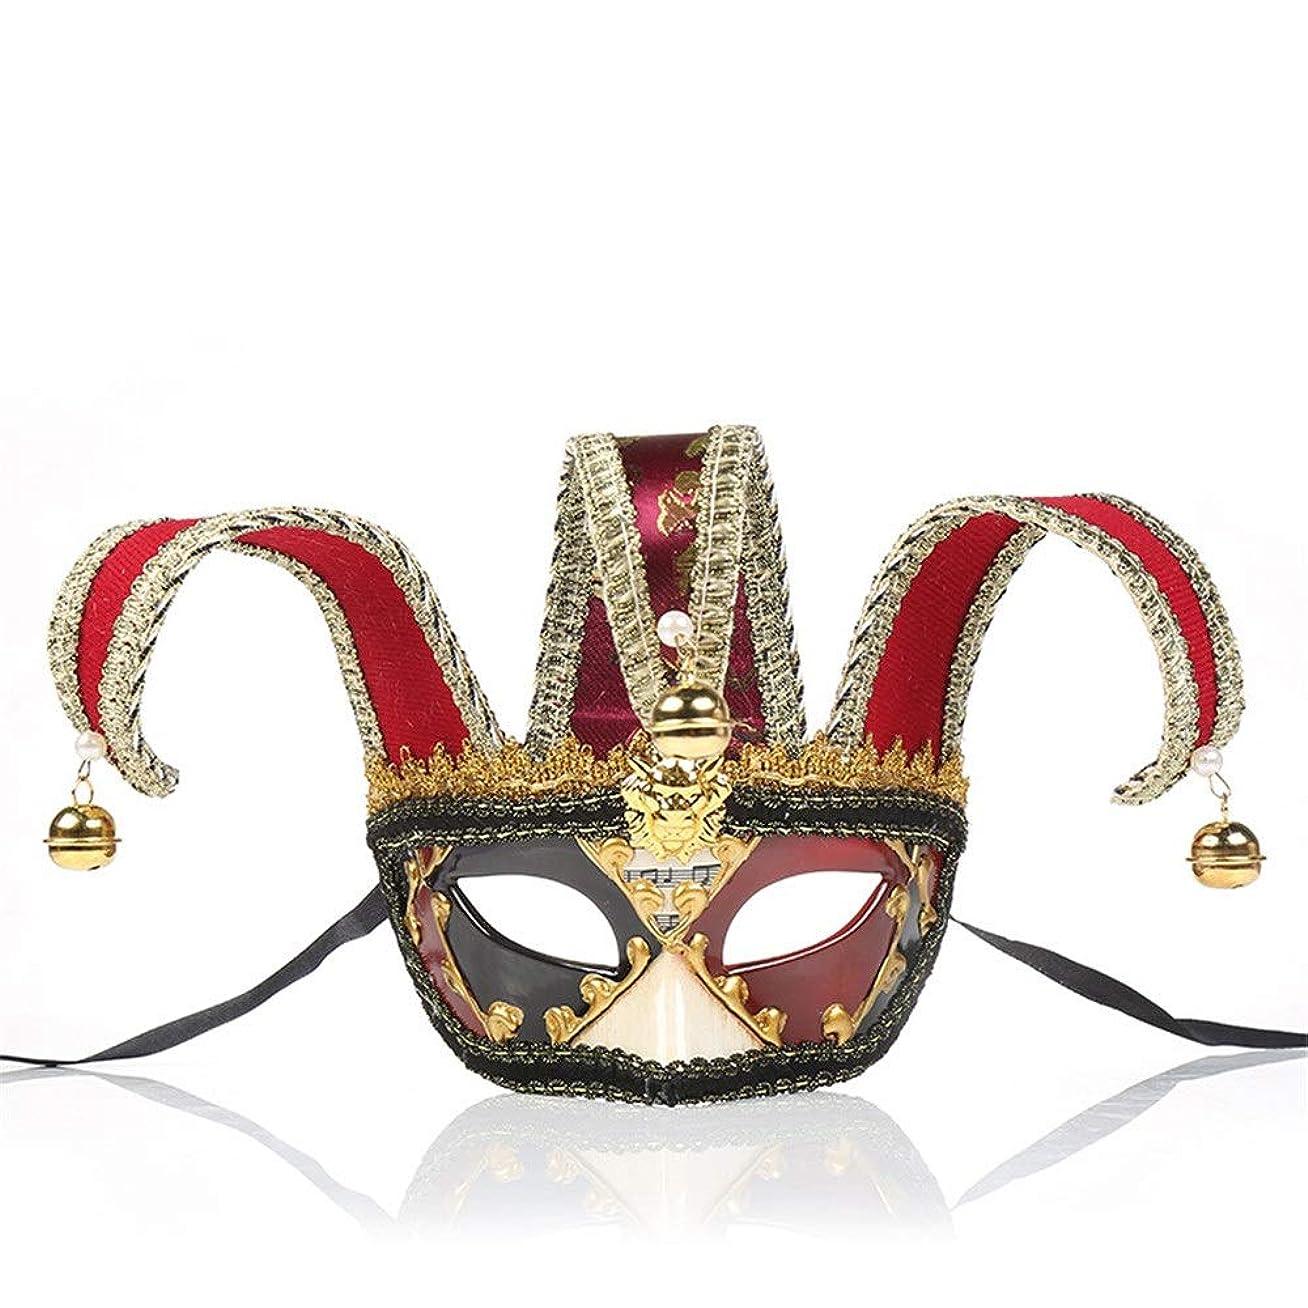 穀物頬輝くダンスマスク 若者の少女ハロウィーンギフトレトロマスクホット販売マスカレードロールプレイング装飾 パーティーボールマスク (色 : 赤, サイズ : 28x16.5cm)